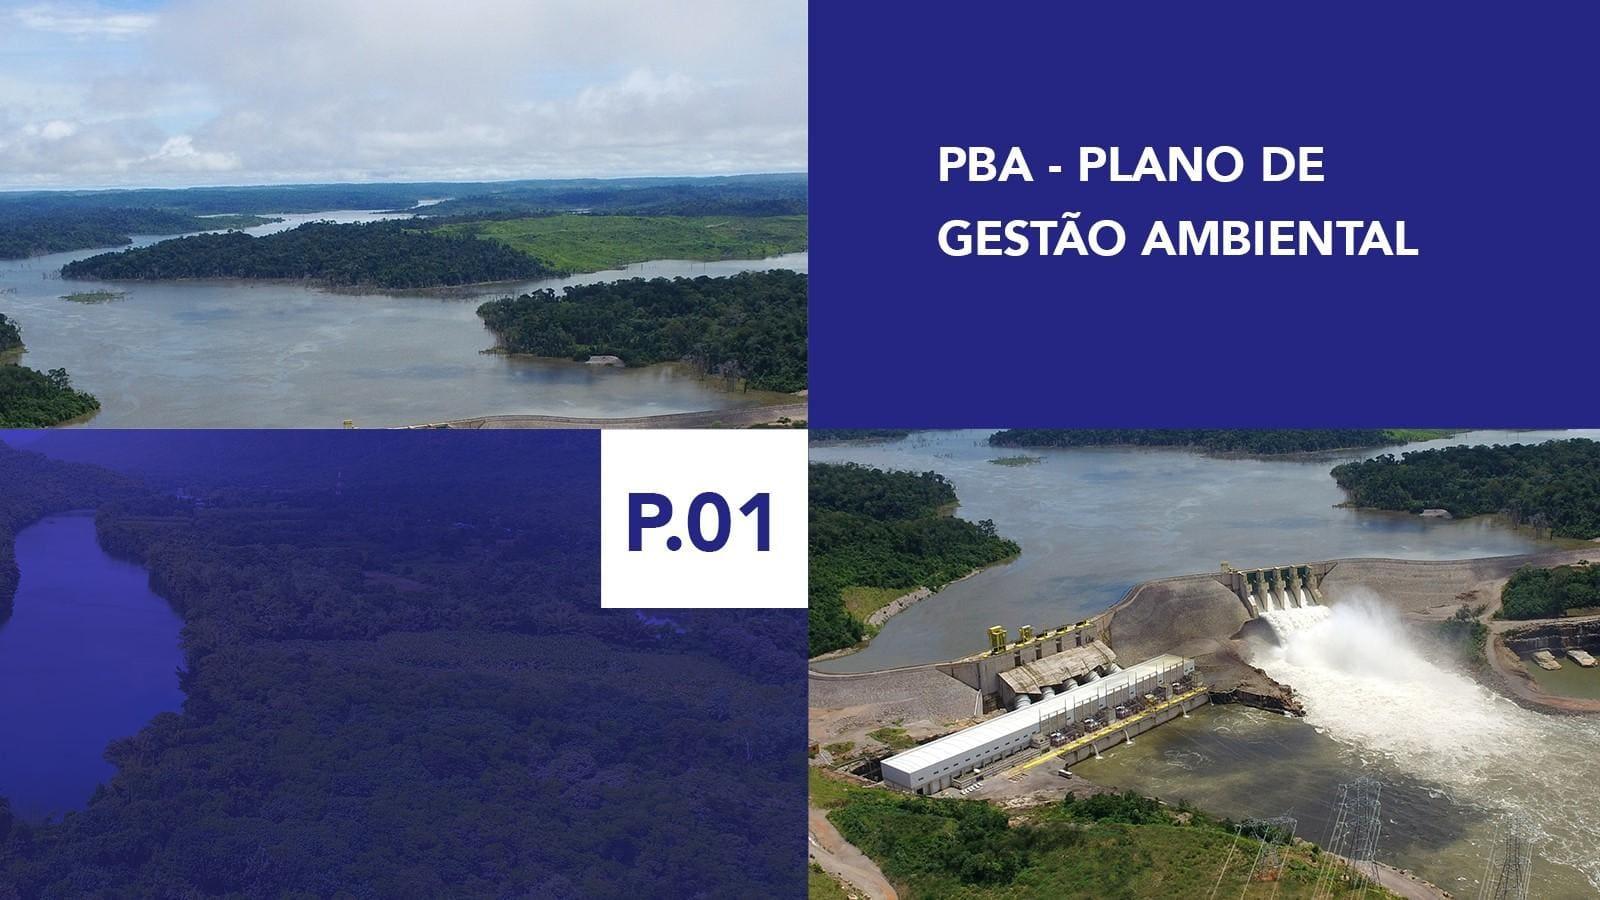 P.01 - Plano de Gestão Ambiental